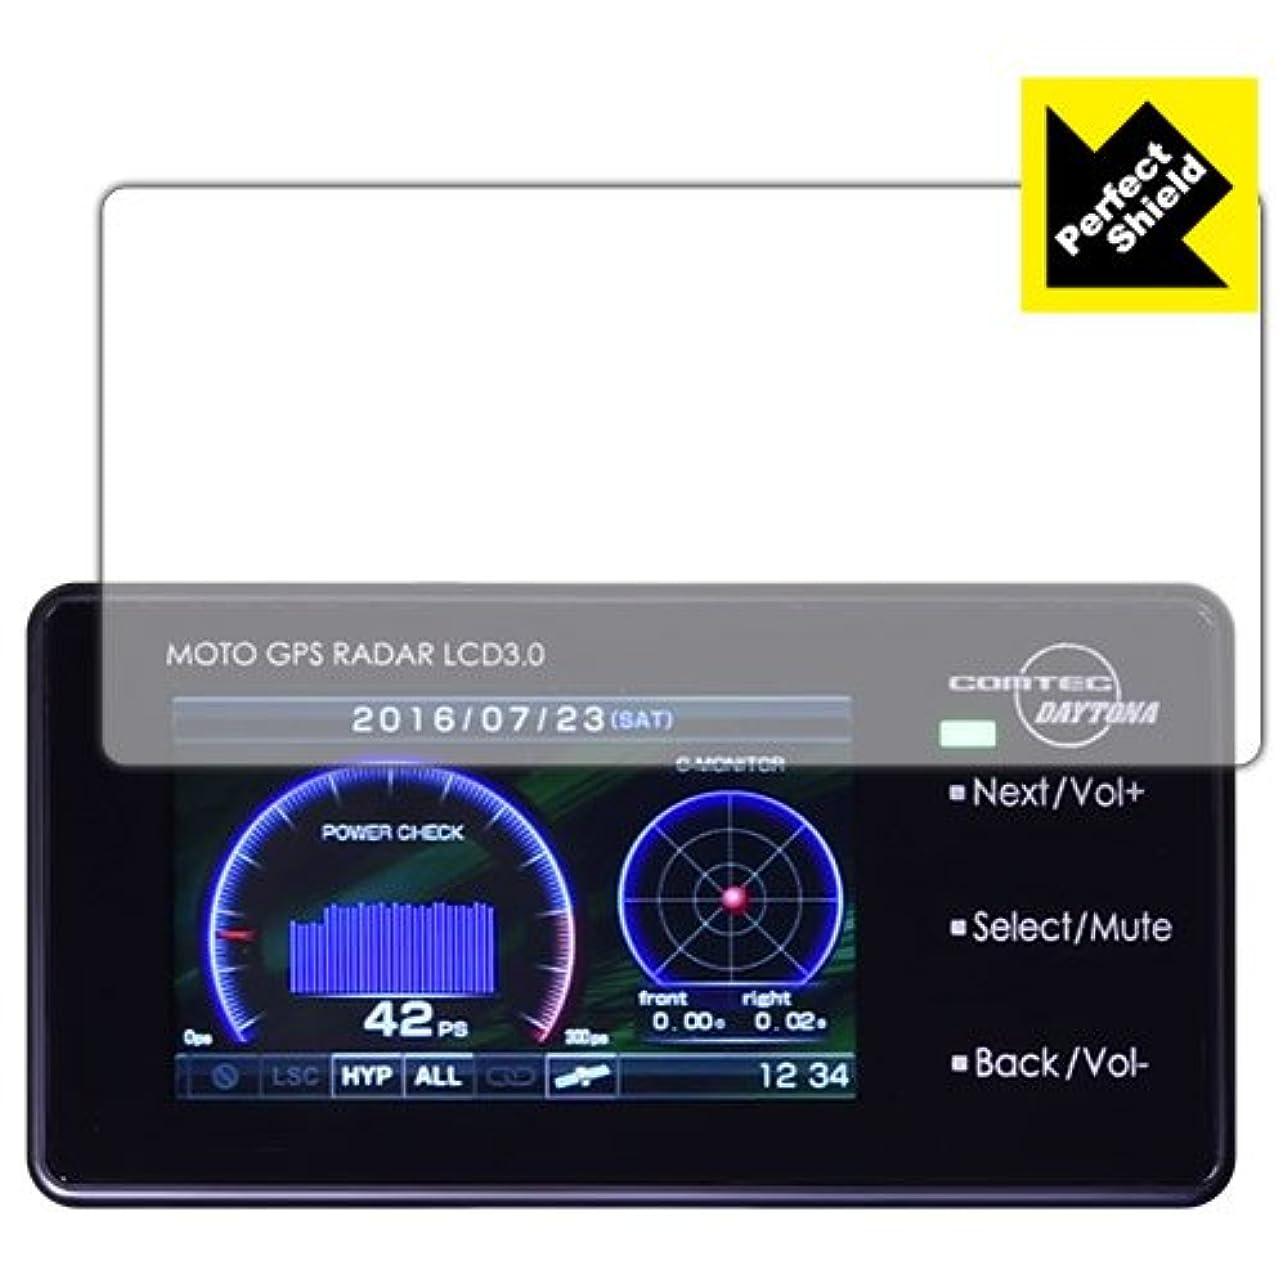 流行している文庫本スリップシューズ防気泡 防指紋 反射低減保護フィルム Perfect Shield MOTO GPS RADAR LCD 3.0 日本製